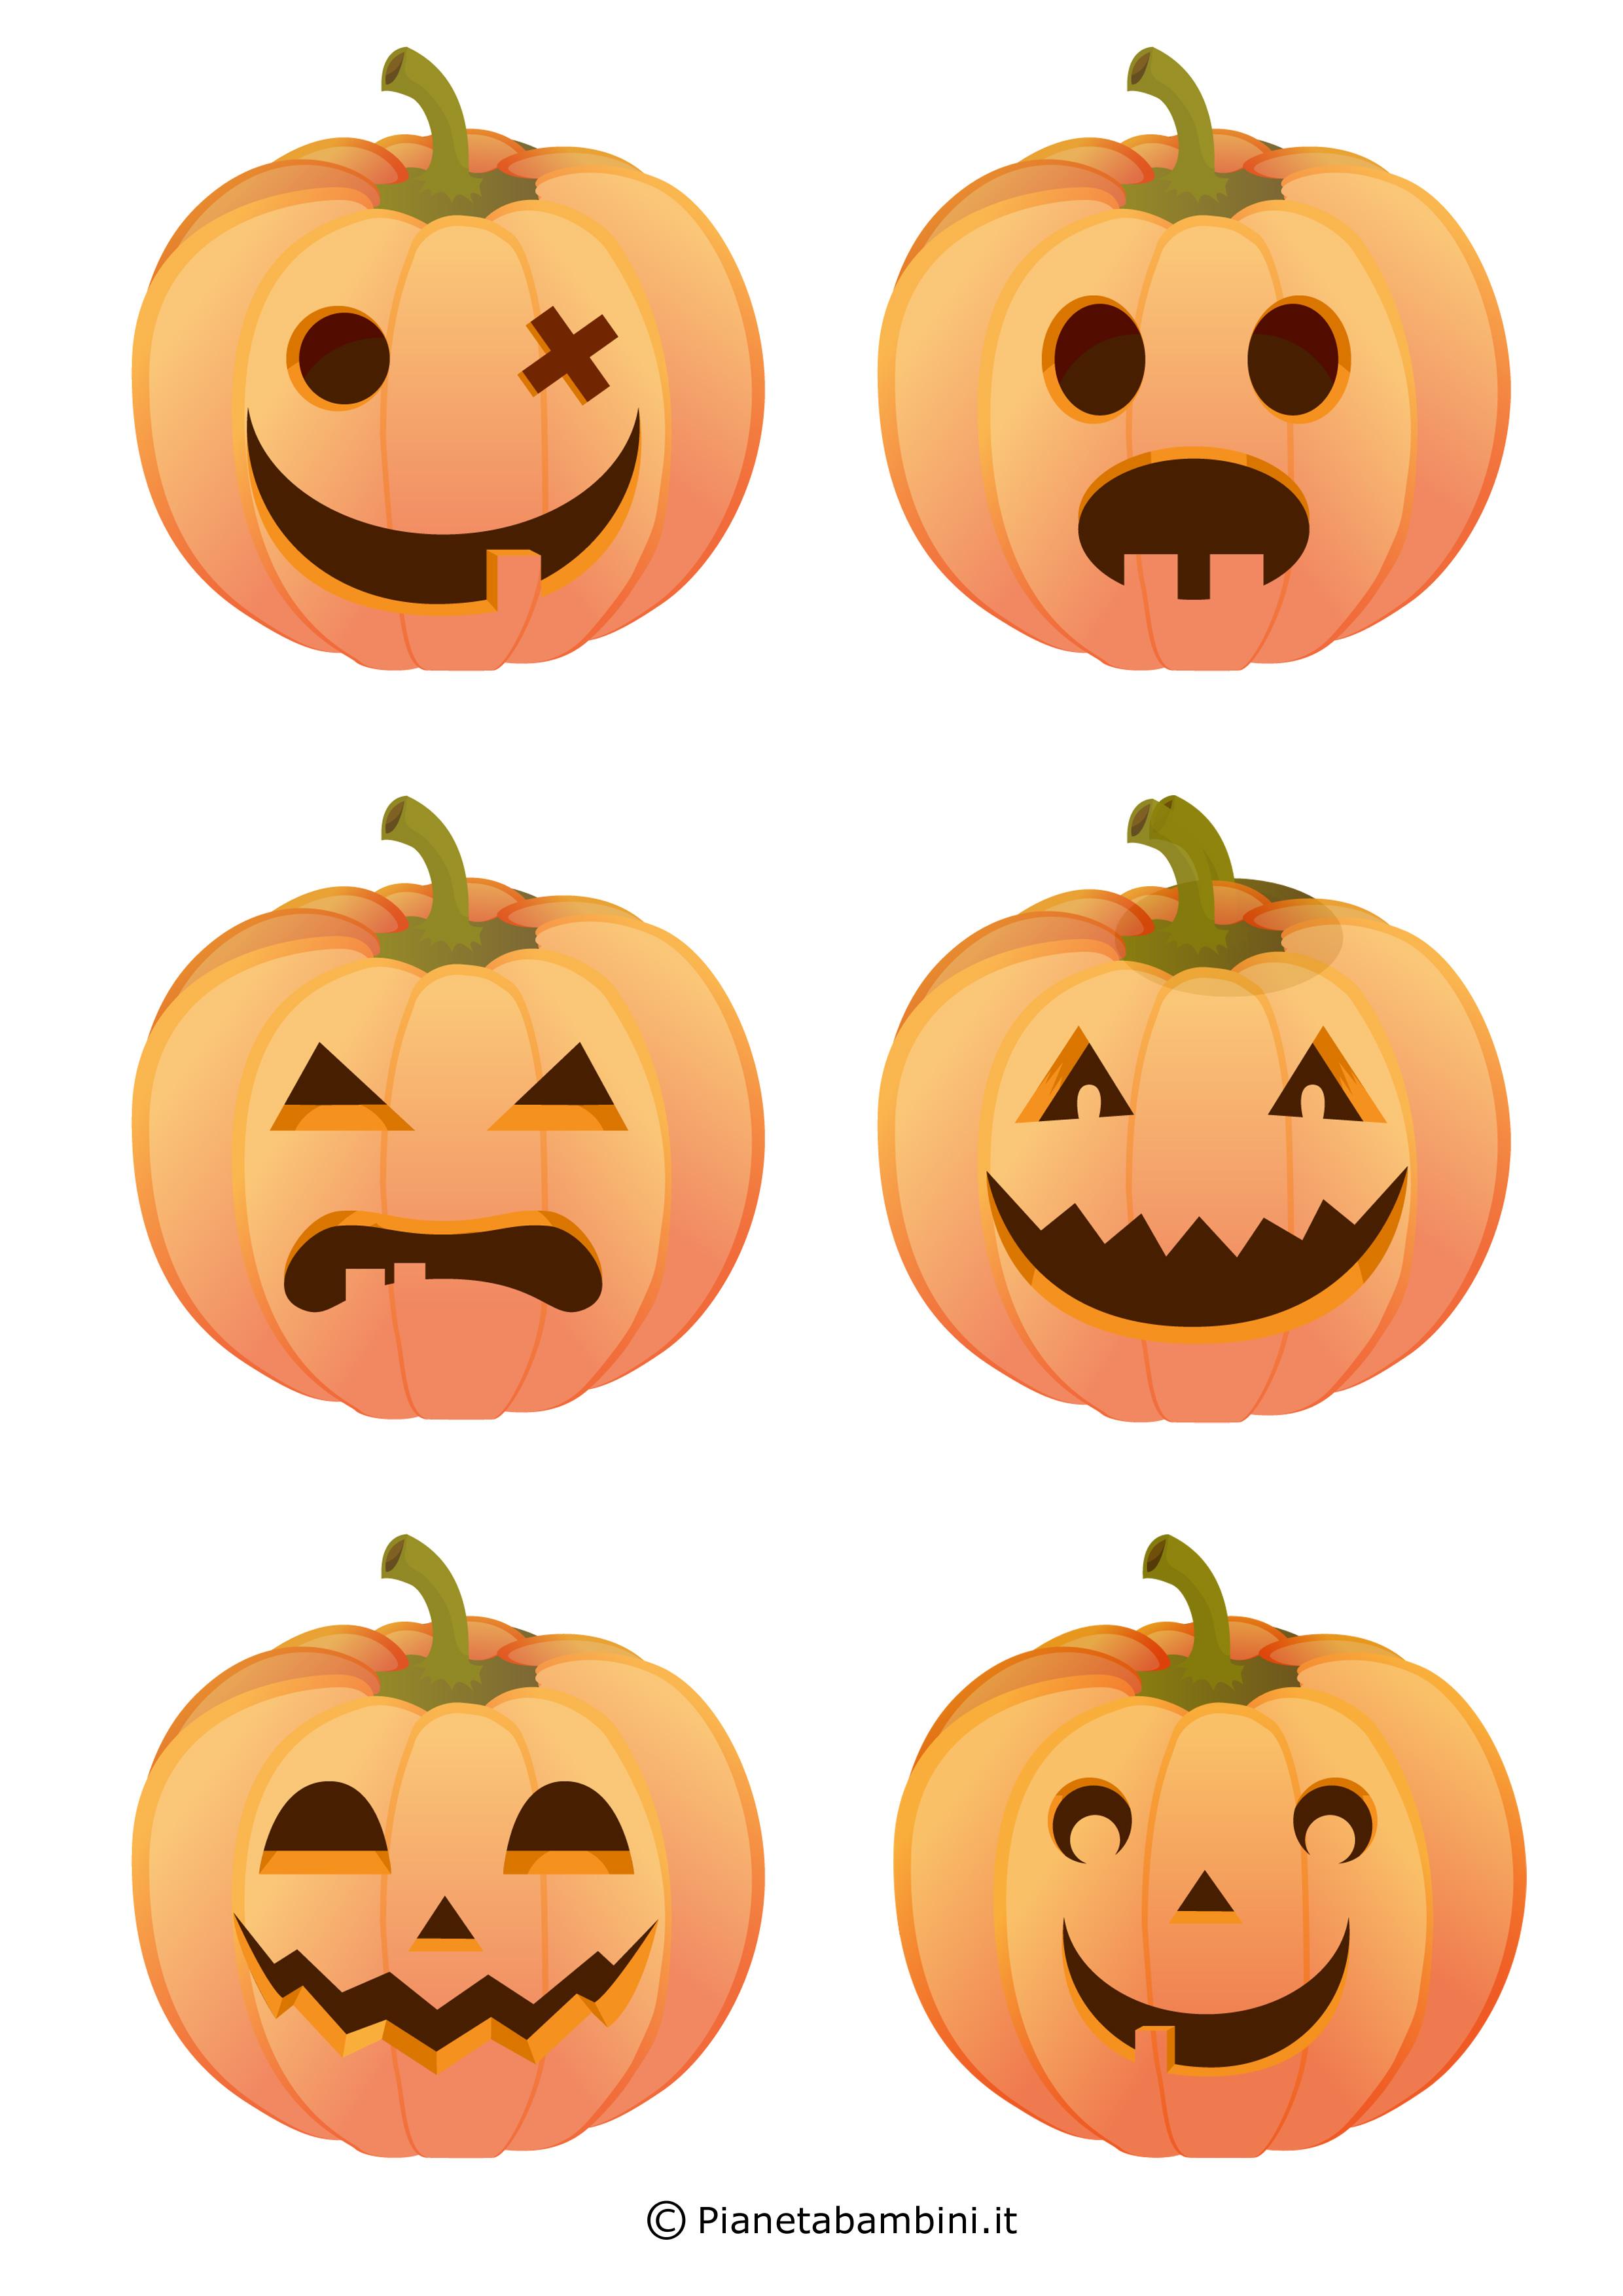 Immagini di zucche di halloween da stampare e ritagliare - Immagini pipistrello da stampare ...